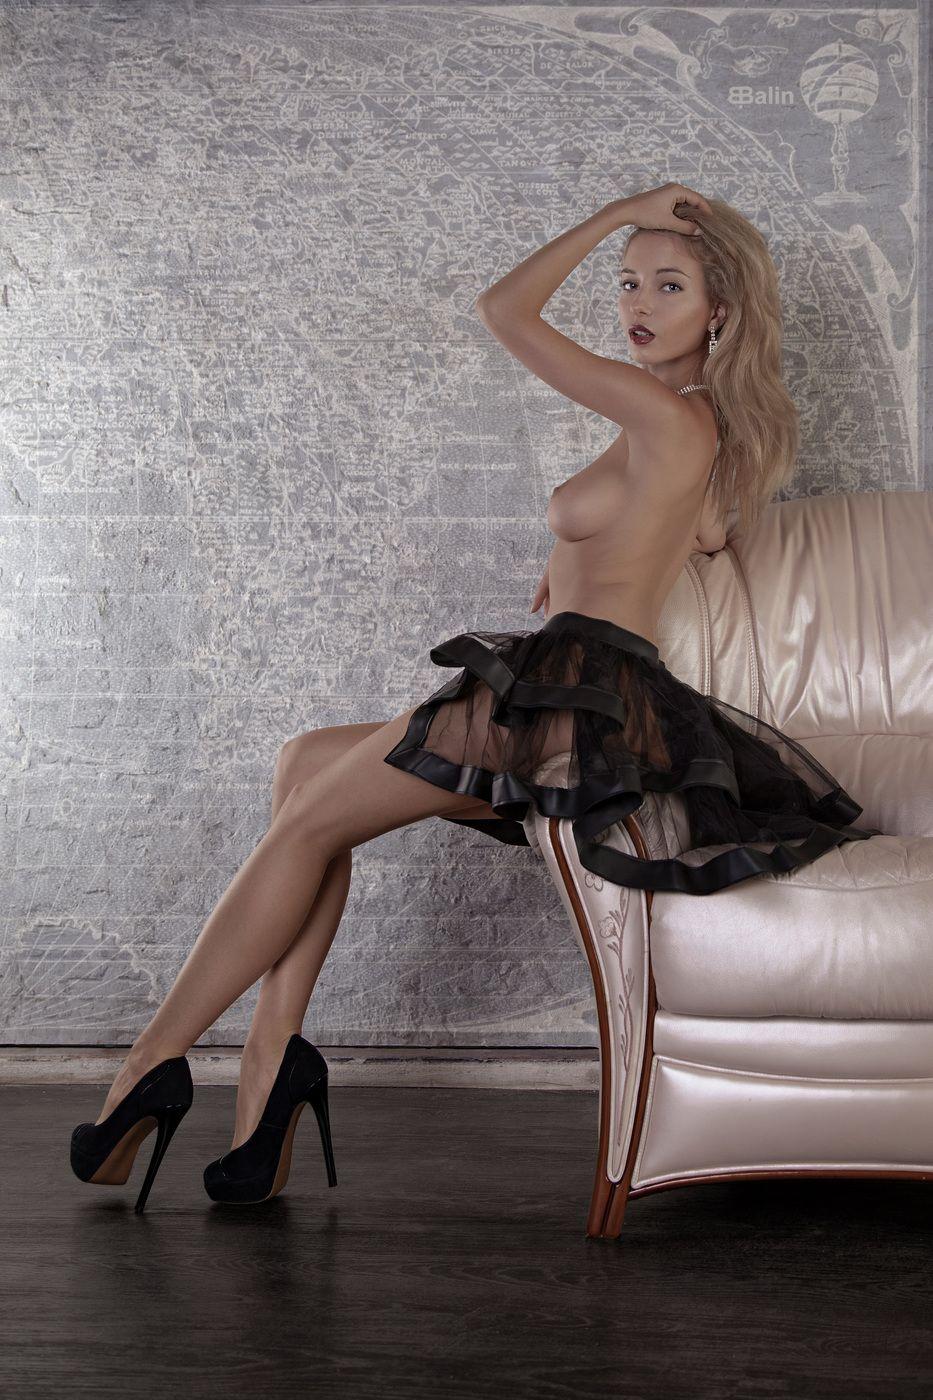 Natalia andreeva hot nude (12 photo), Boobs Celebrity foto